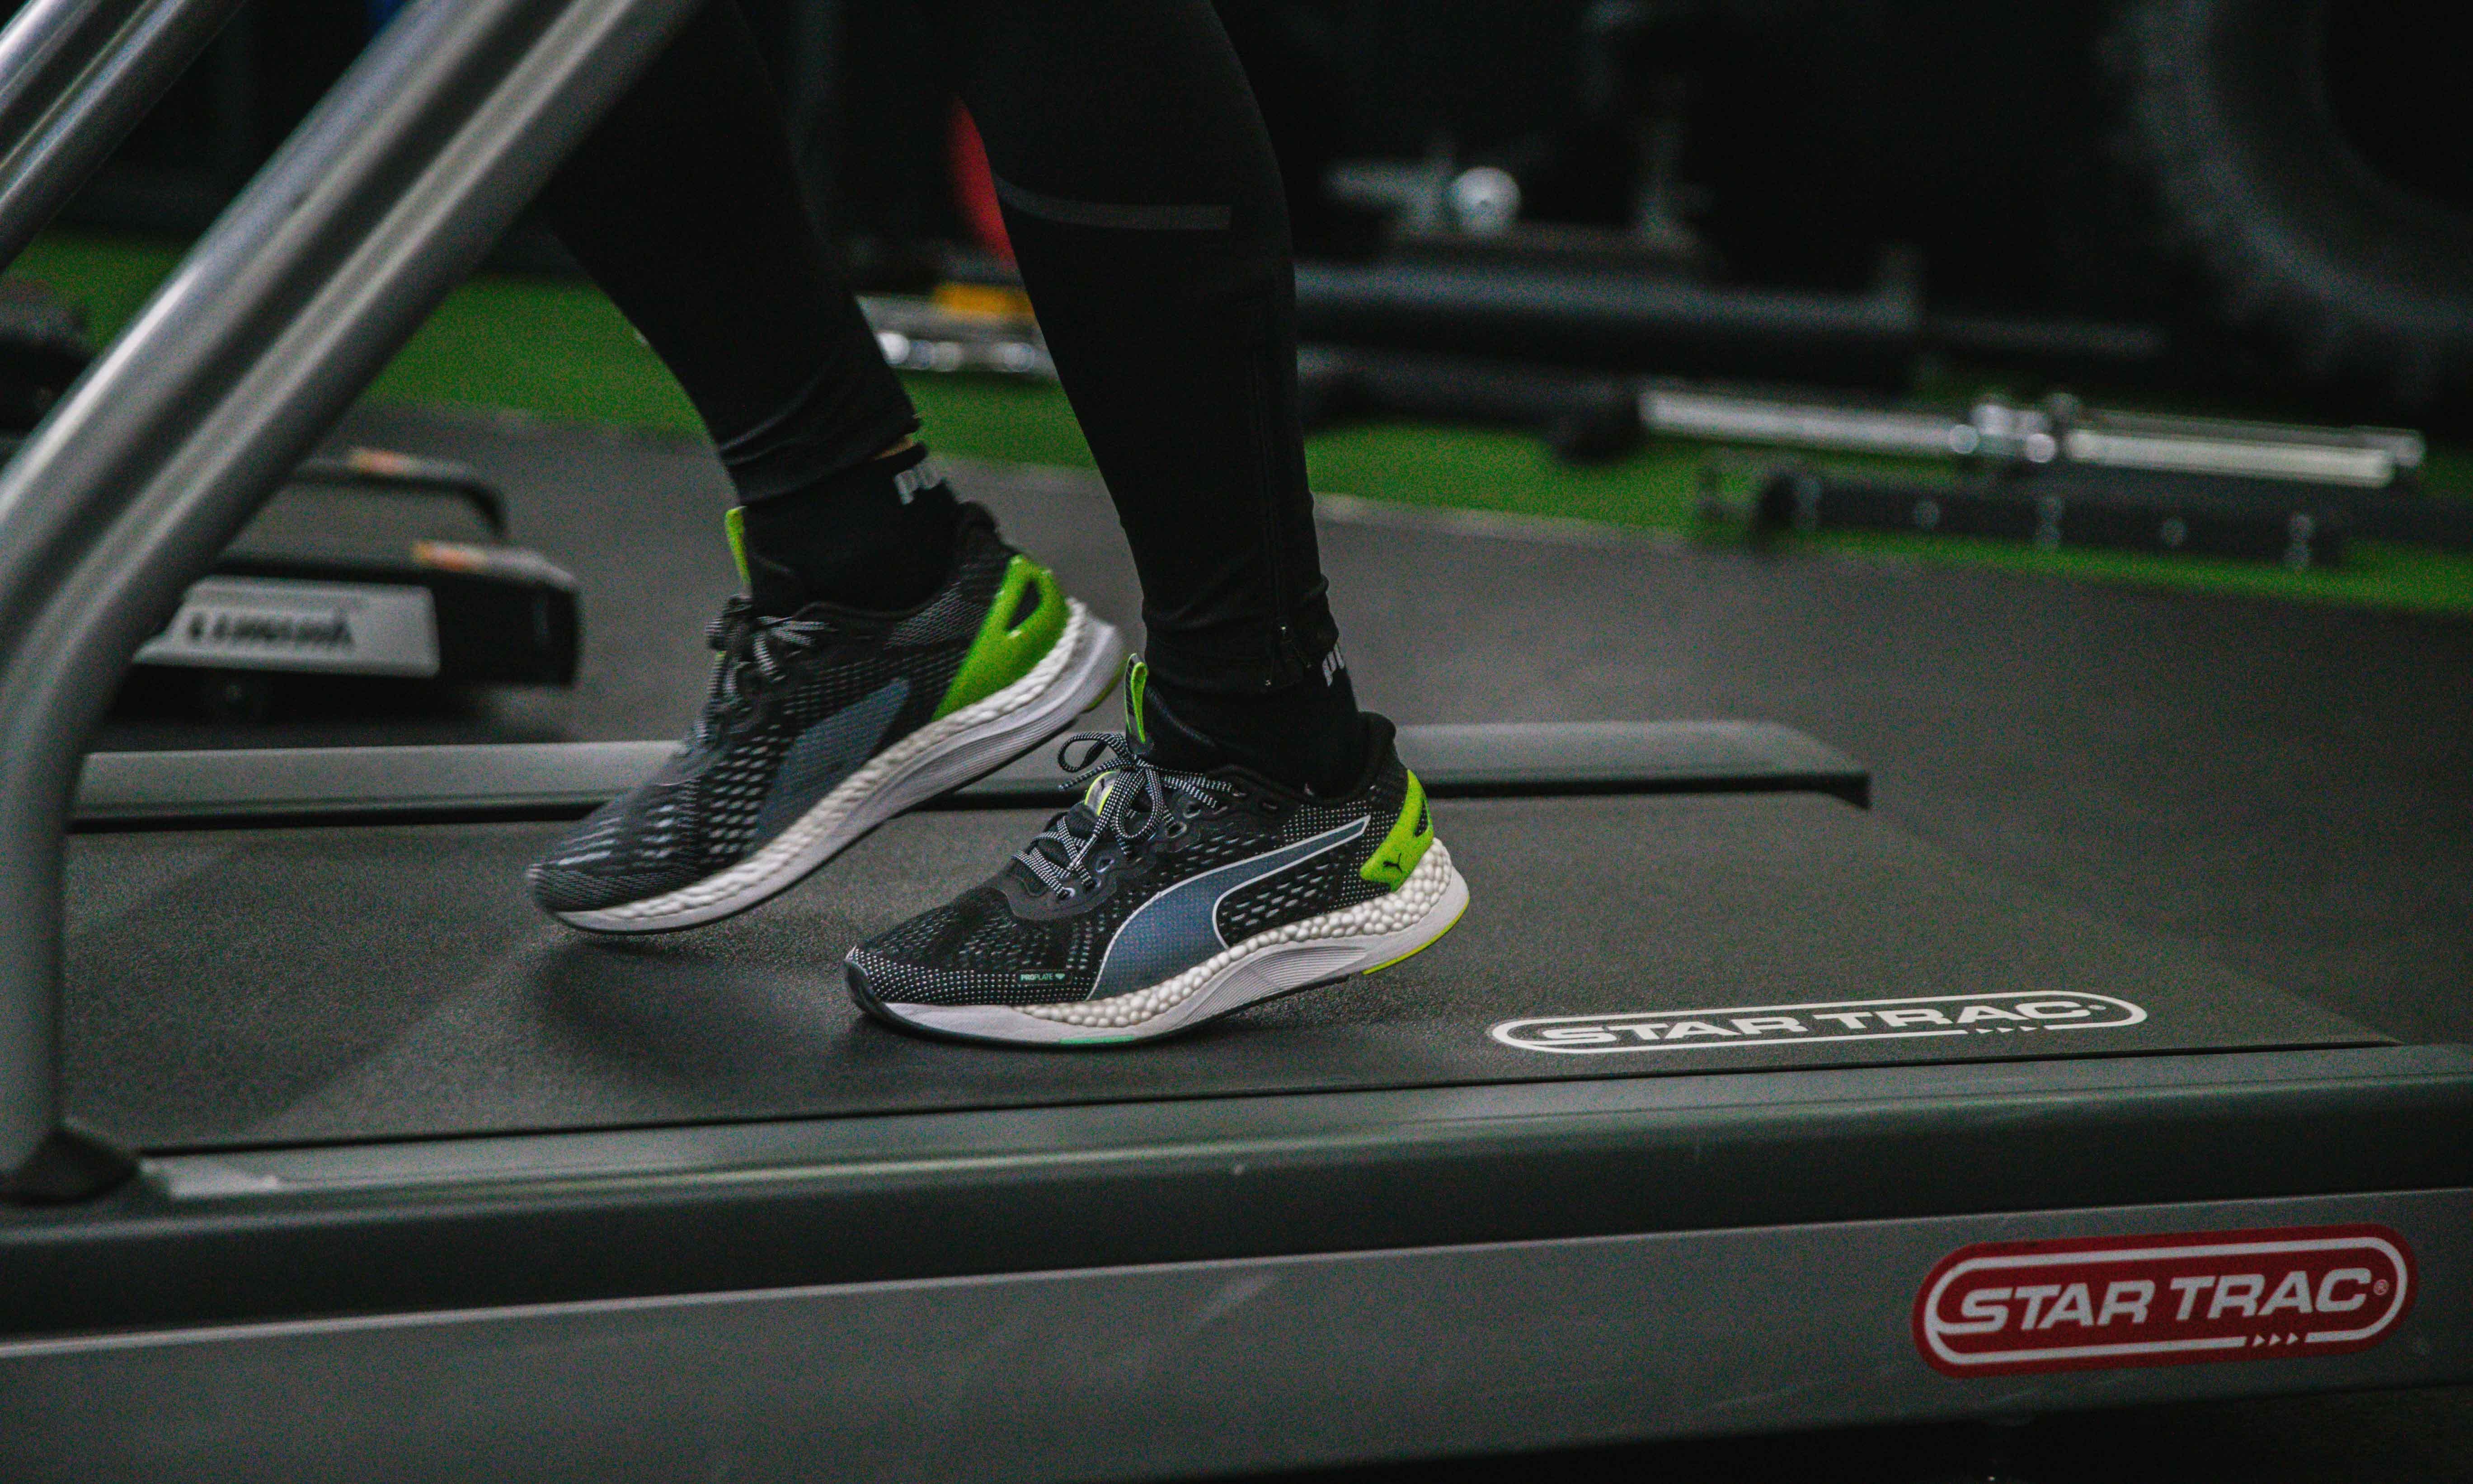 重新定义你的速度,PUMA 全新跑鞋 SPEED 600 2 疾速登场